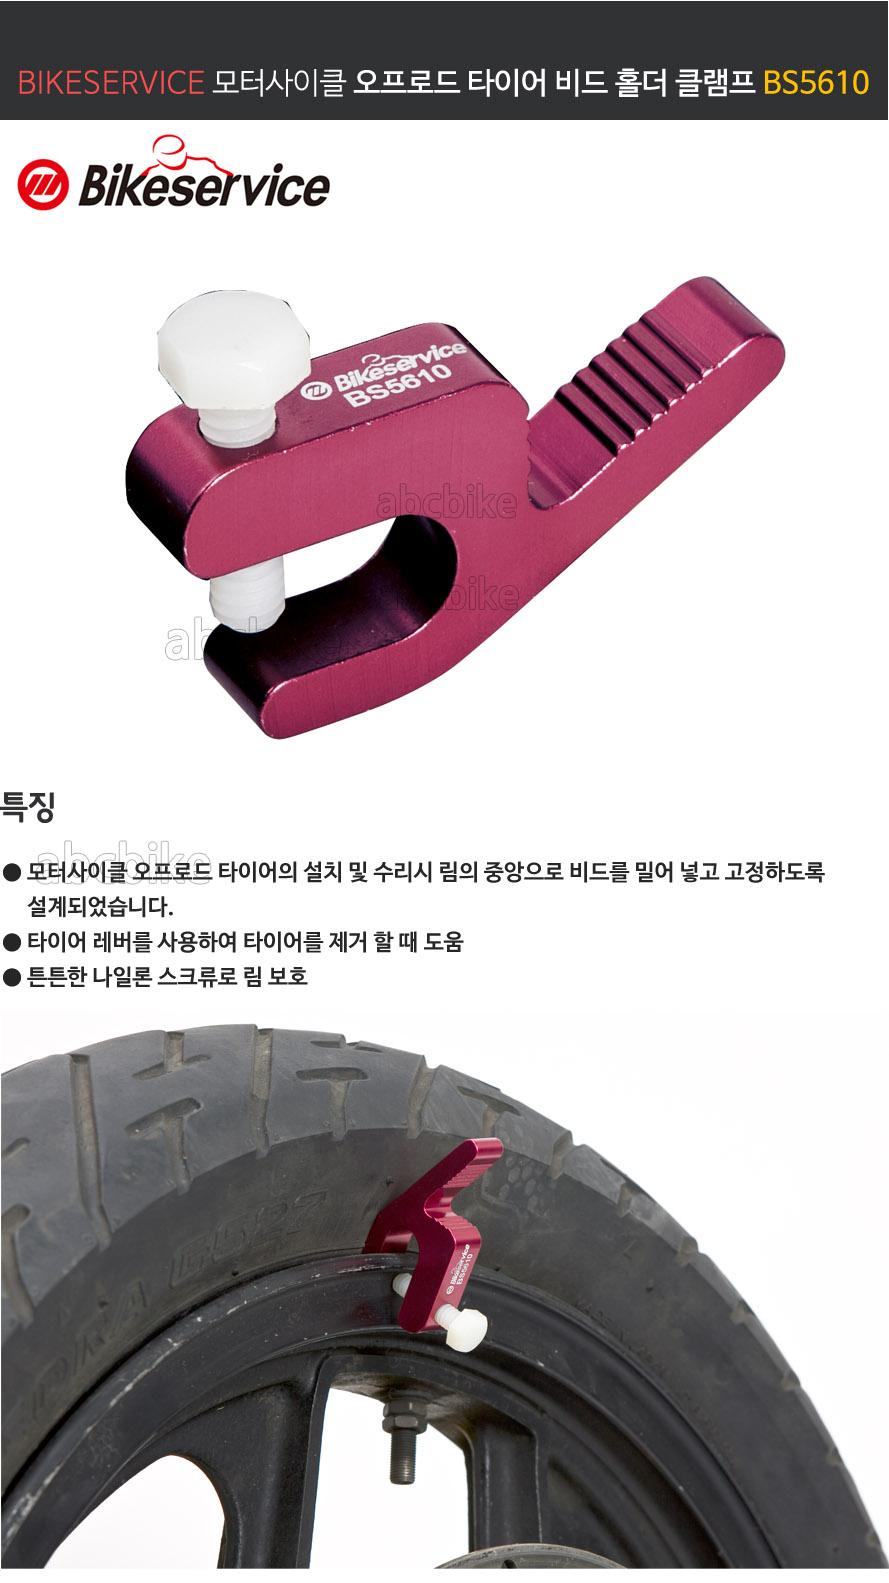 Bikesevice(바이크서비스) 오프로드 타이어 비드 홀더 클램프 BS5610